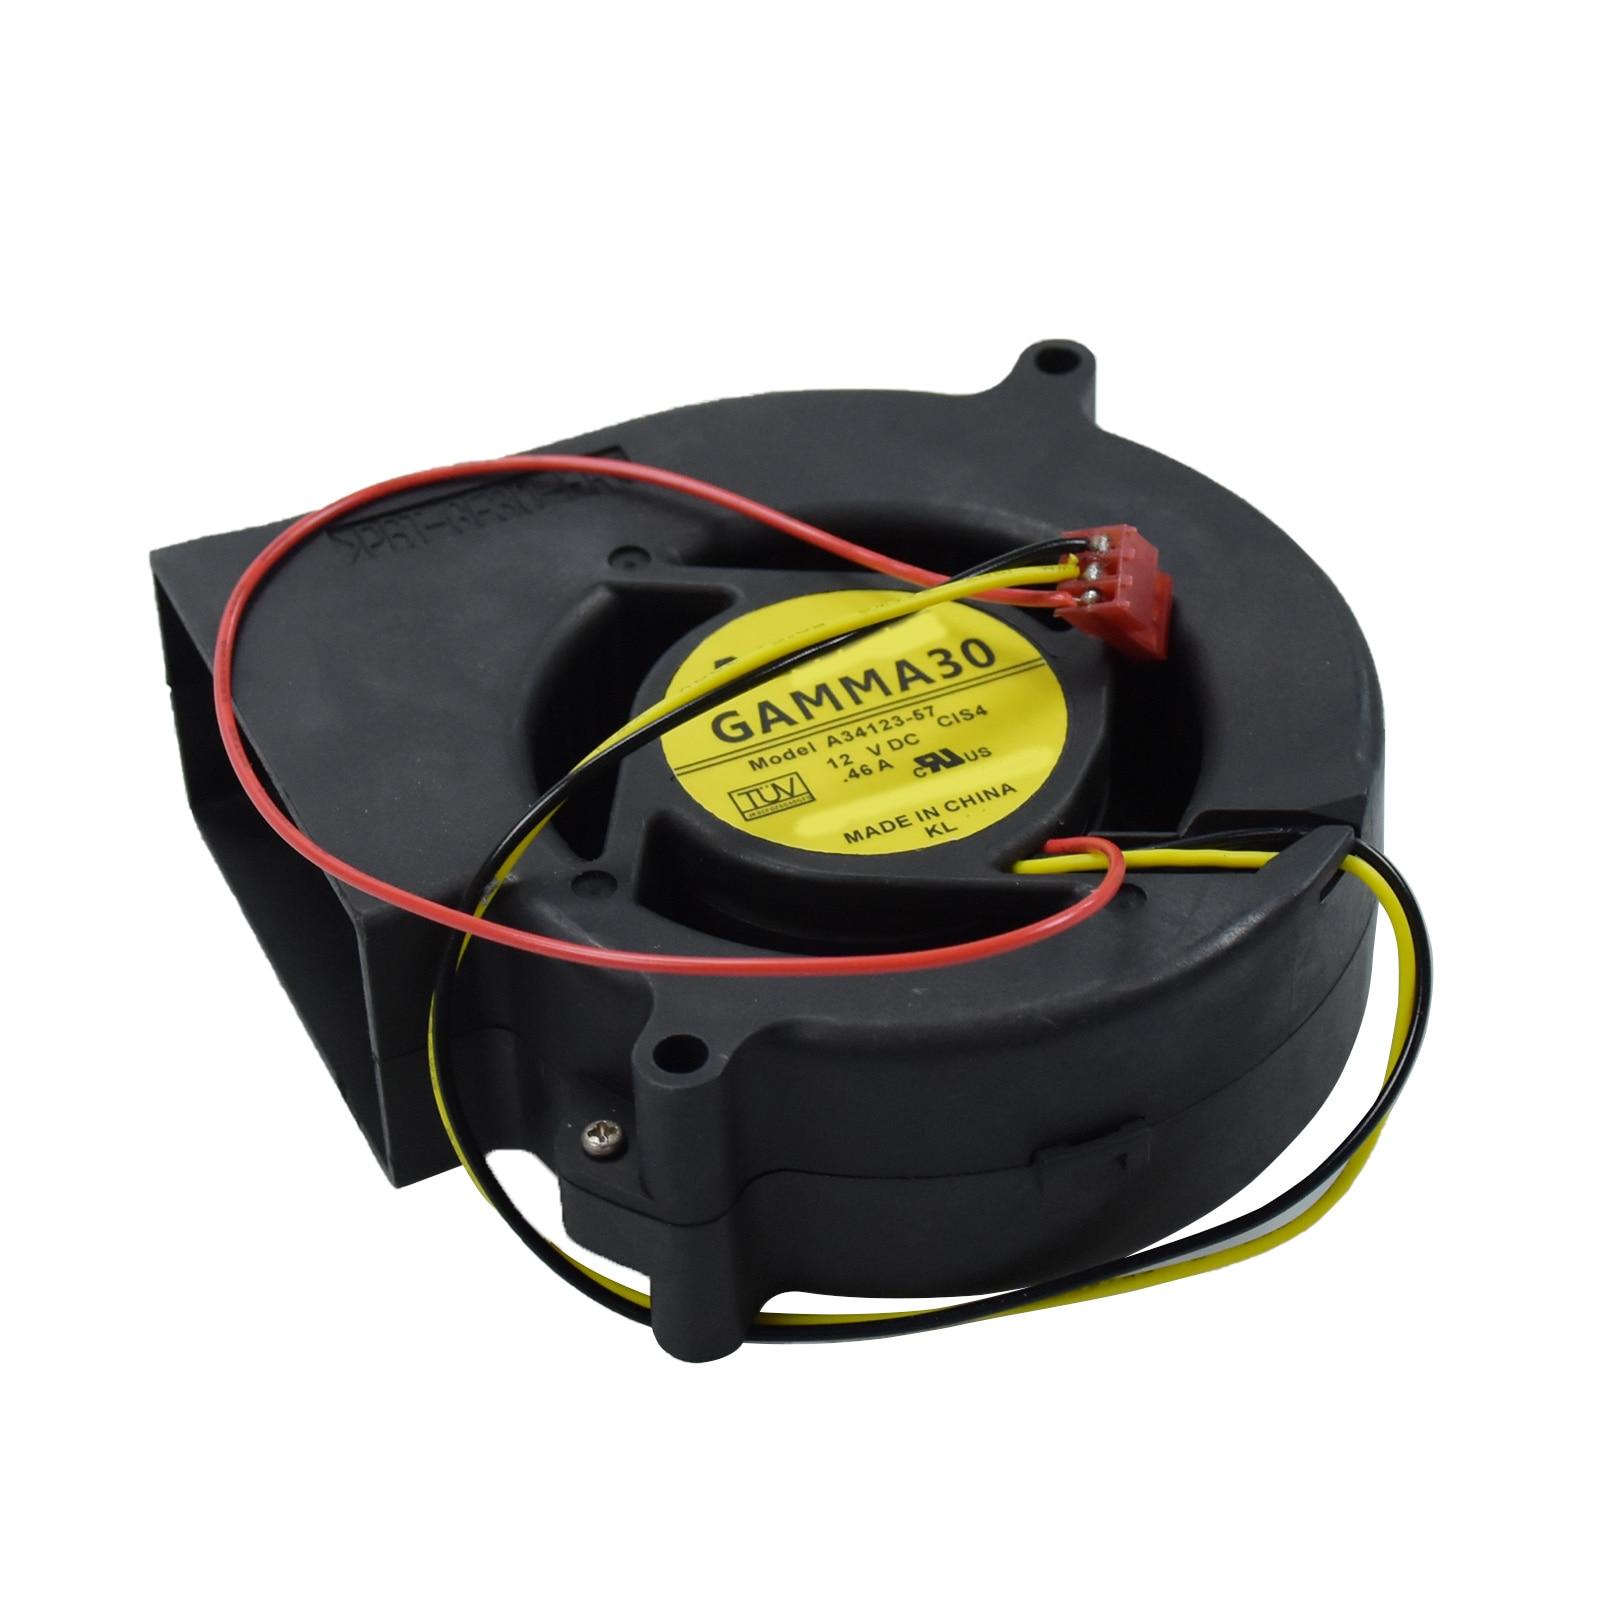 Для Nidec GAMMA30 A34123-57 12V 0.46A для Cisco 3550 3560 2960 охлаждающий вентилятор